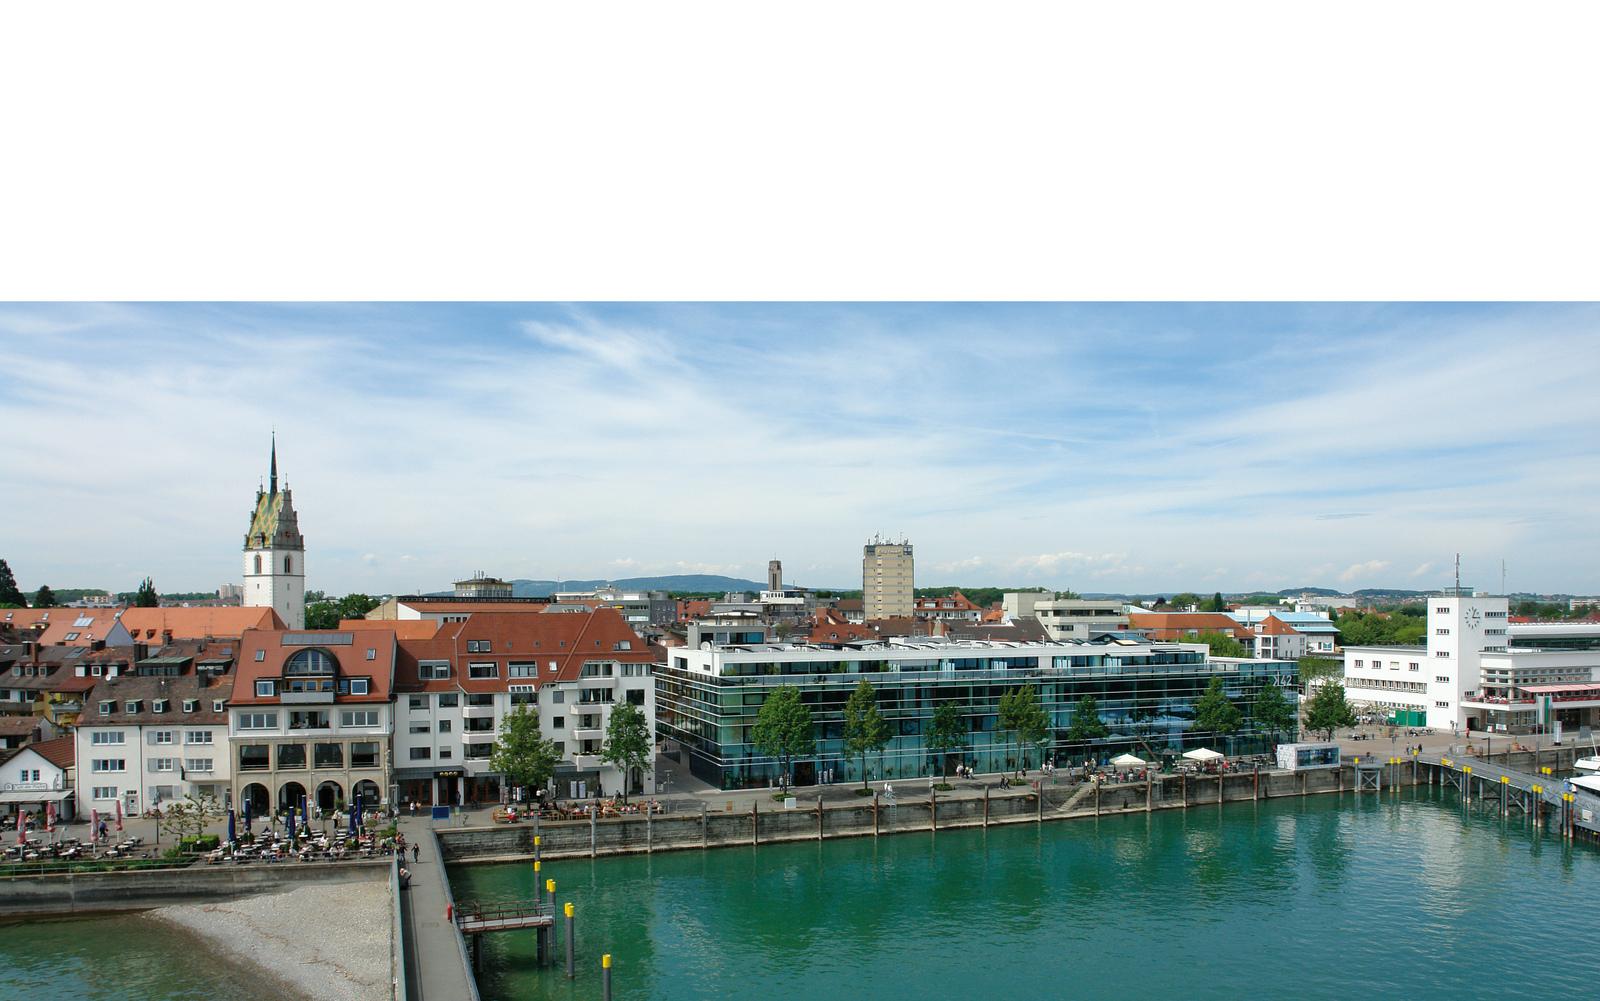 Architekten Friedrichshafen braunger wörtz architekten ulm 064 umbau und revitalisierung